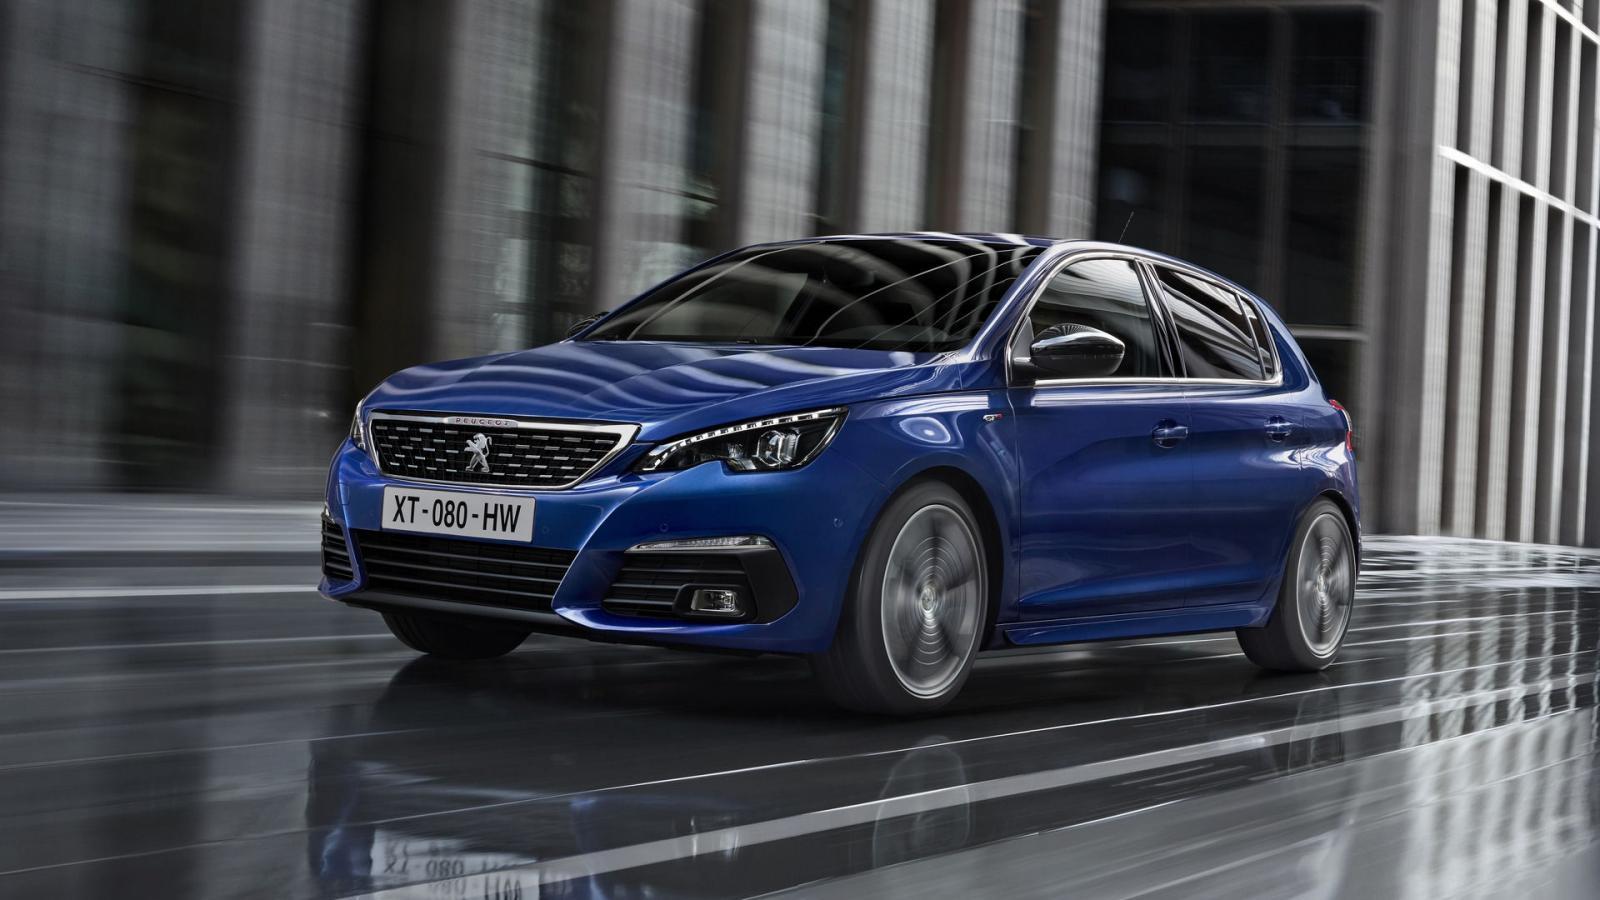 Обновлённый Peugeot 308 2018 модельного года рассекречен официально